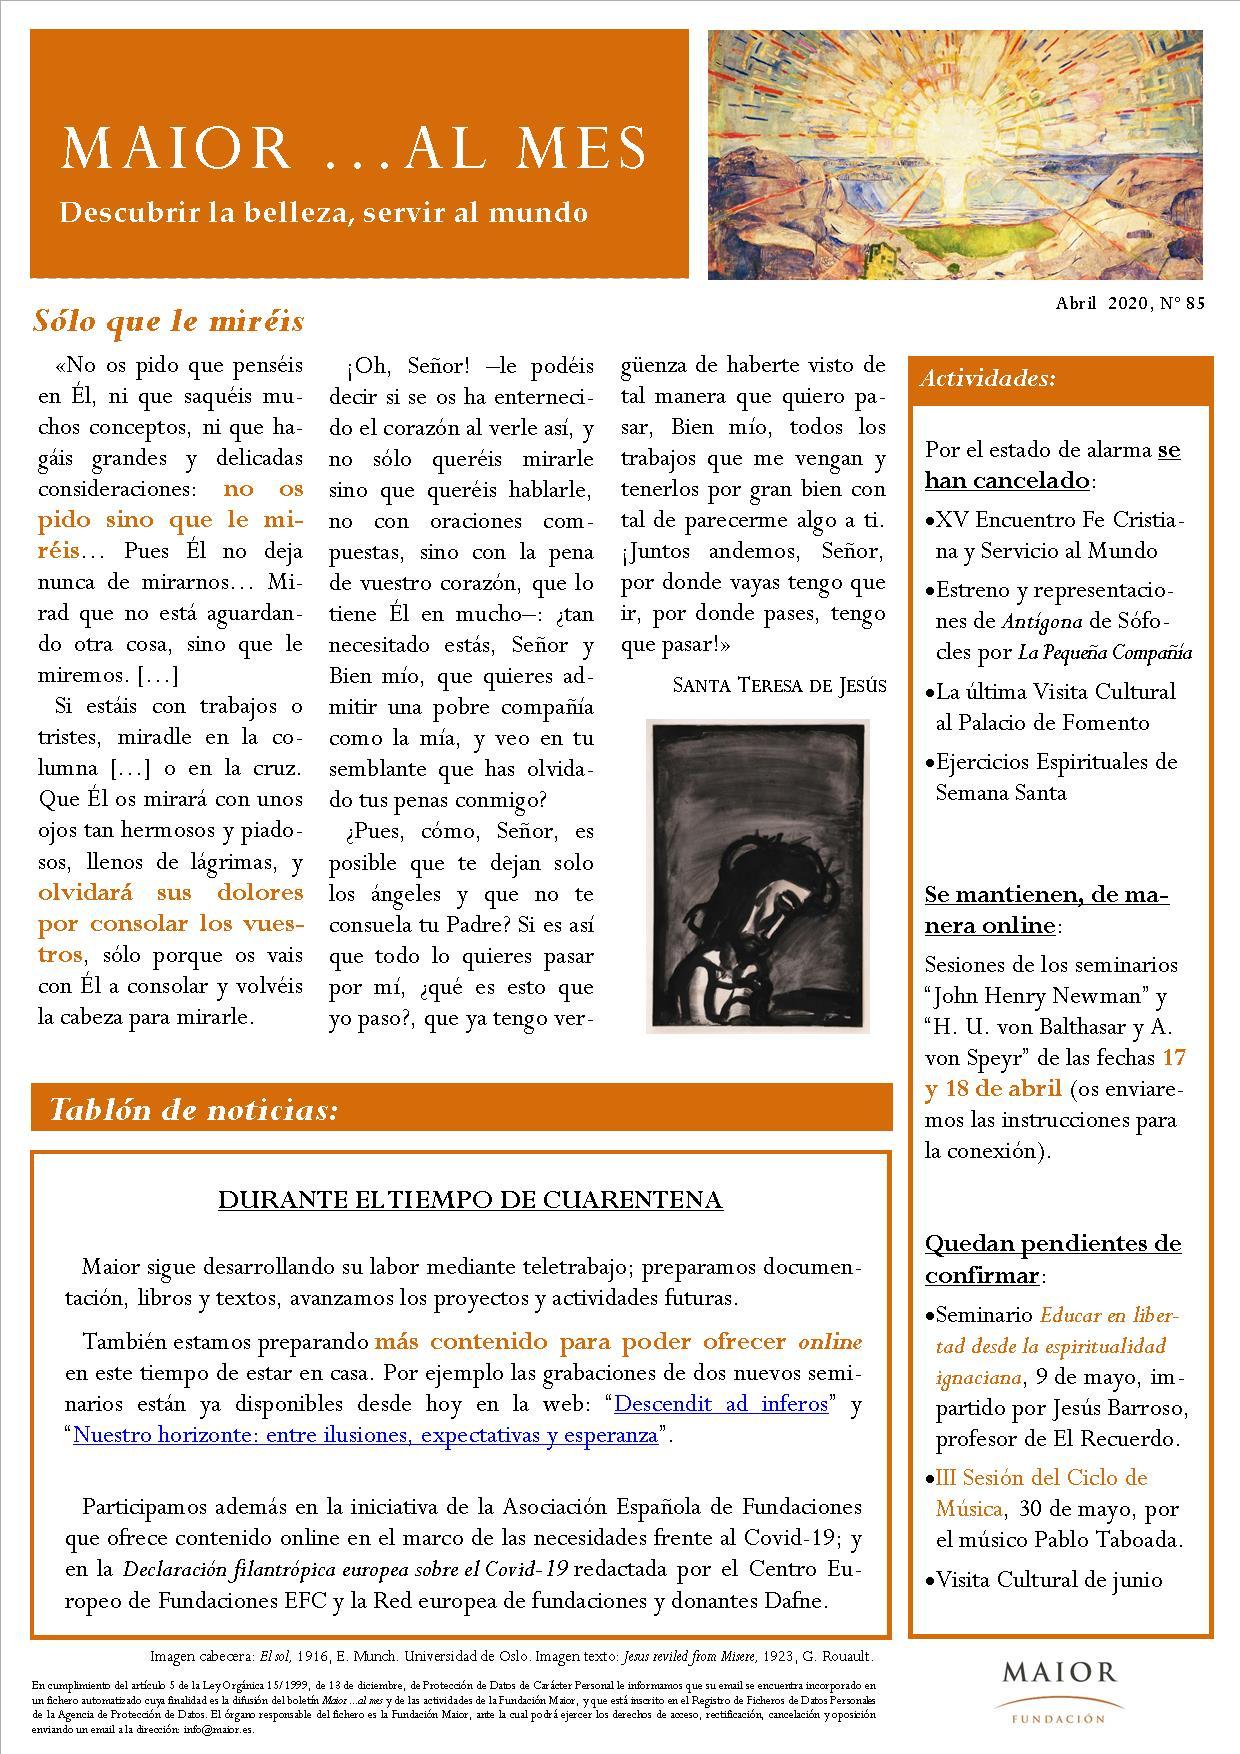 Boletín mensual de noticias y actividades de la Fundación Maior. Edición de abril 2020